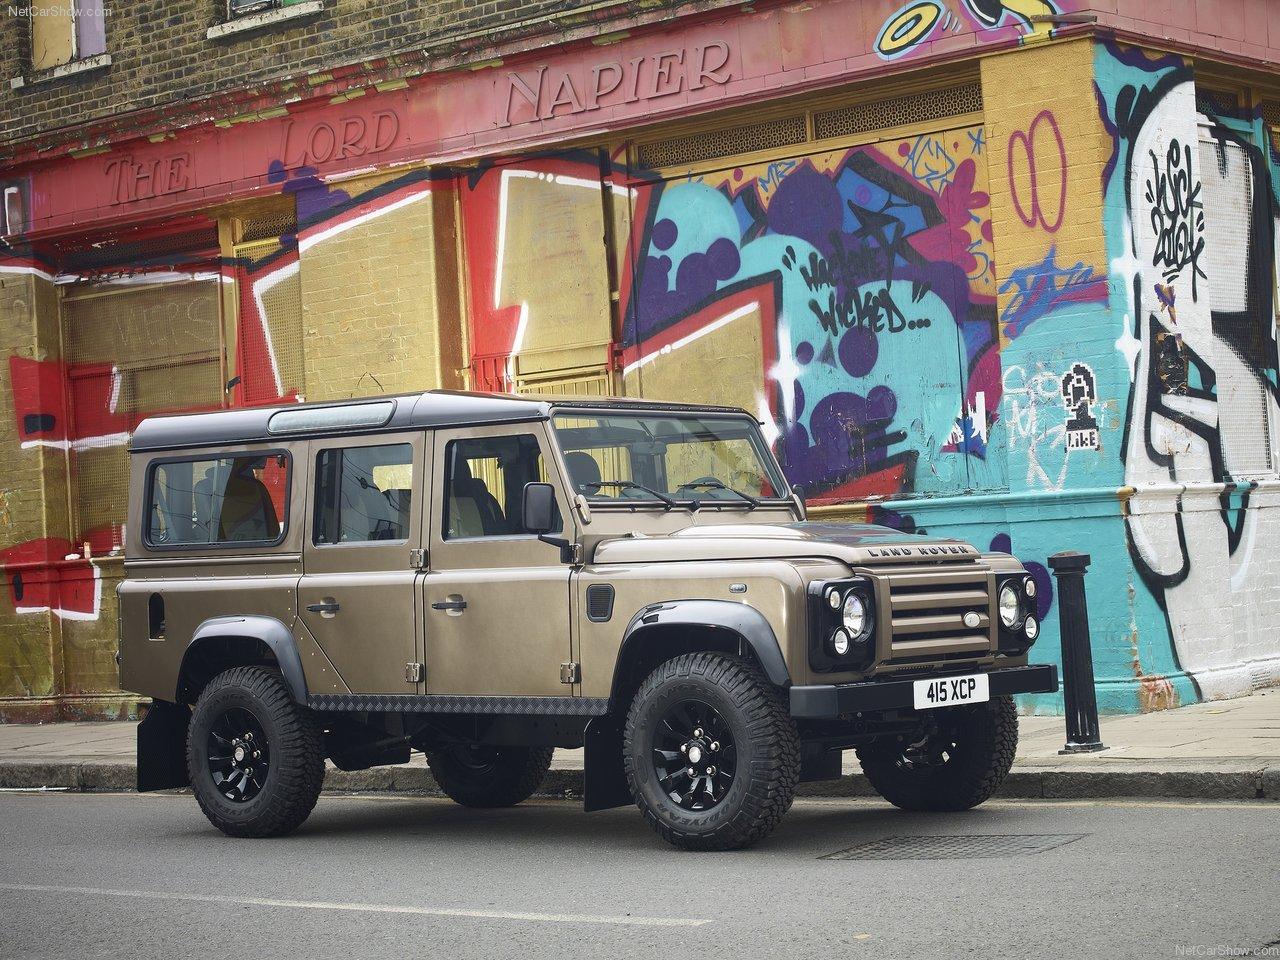 http://4.bp.blogspot.com/_lsyt_wQ2awY/TTKrwdlKX6I/AAAAAAACIuE/TZZzHHKnqNw/s1600/Land_Rover-Defender_X-Tech_2011_1280x960_wallpaper_01.jpg